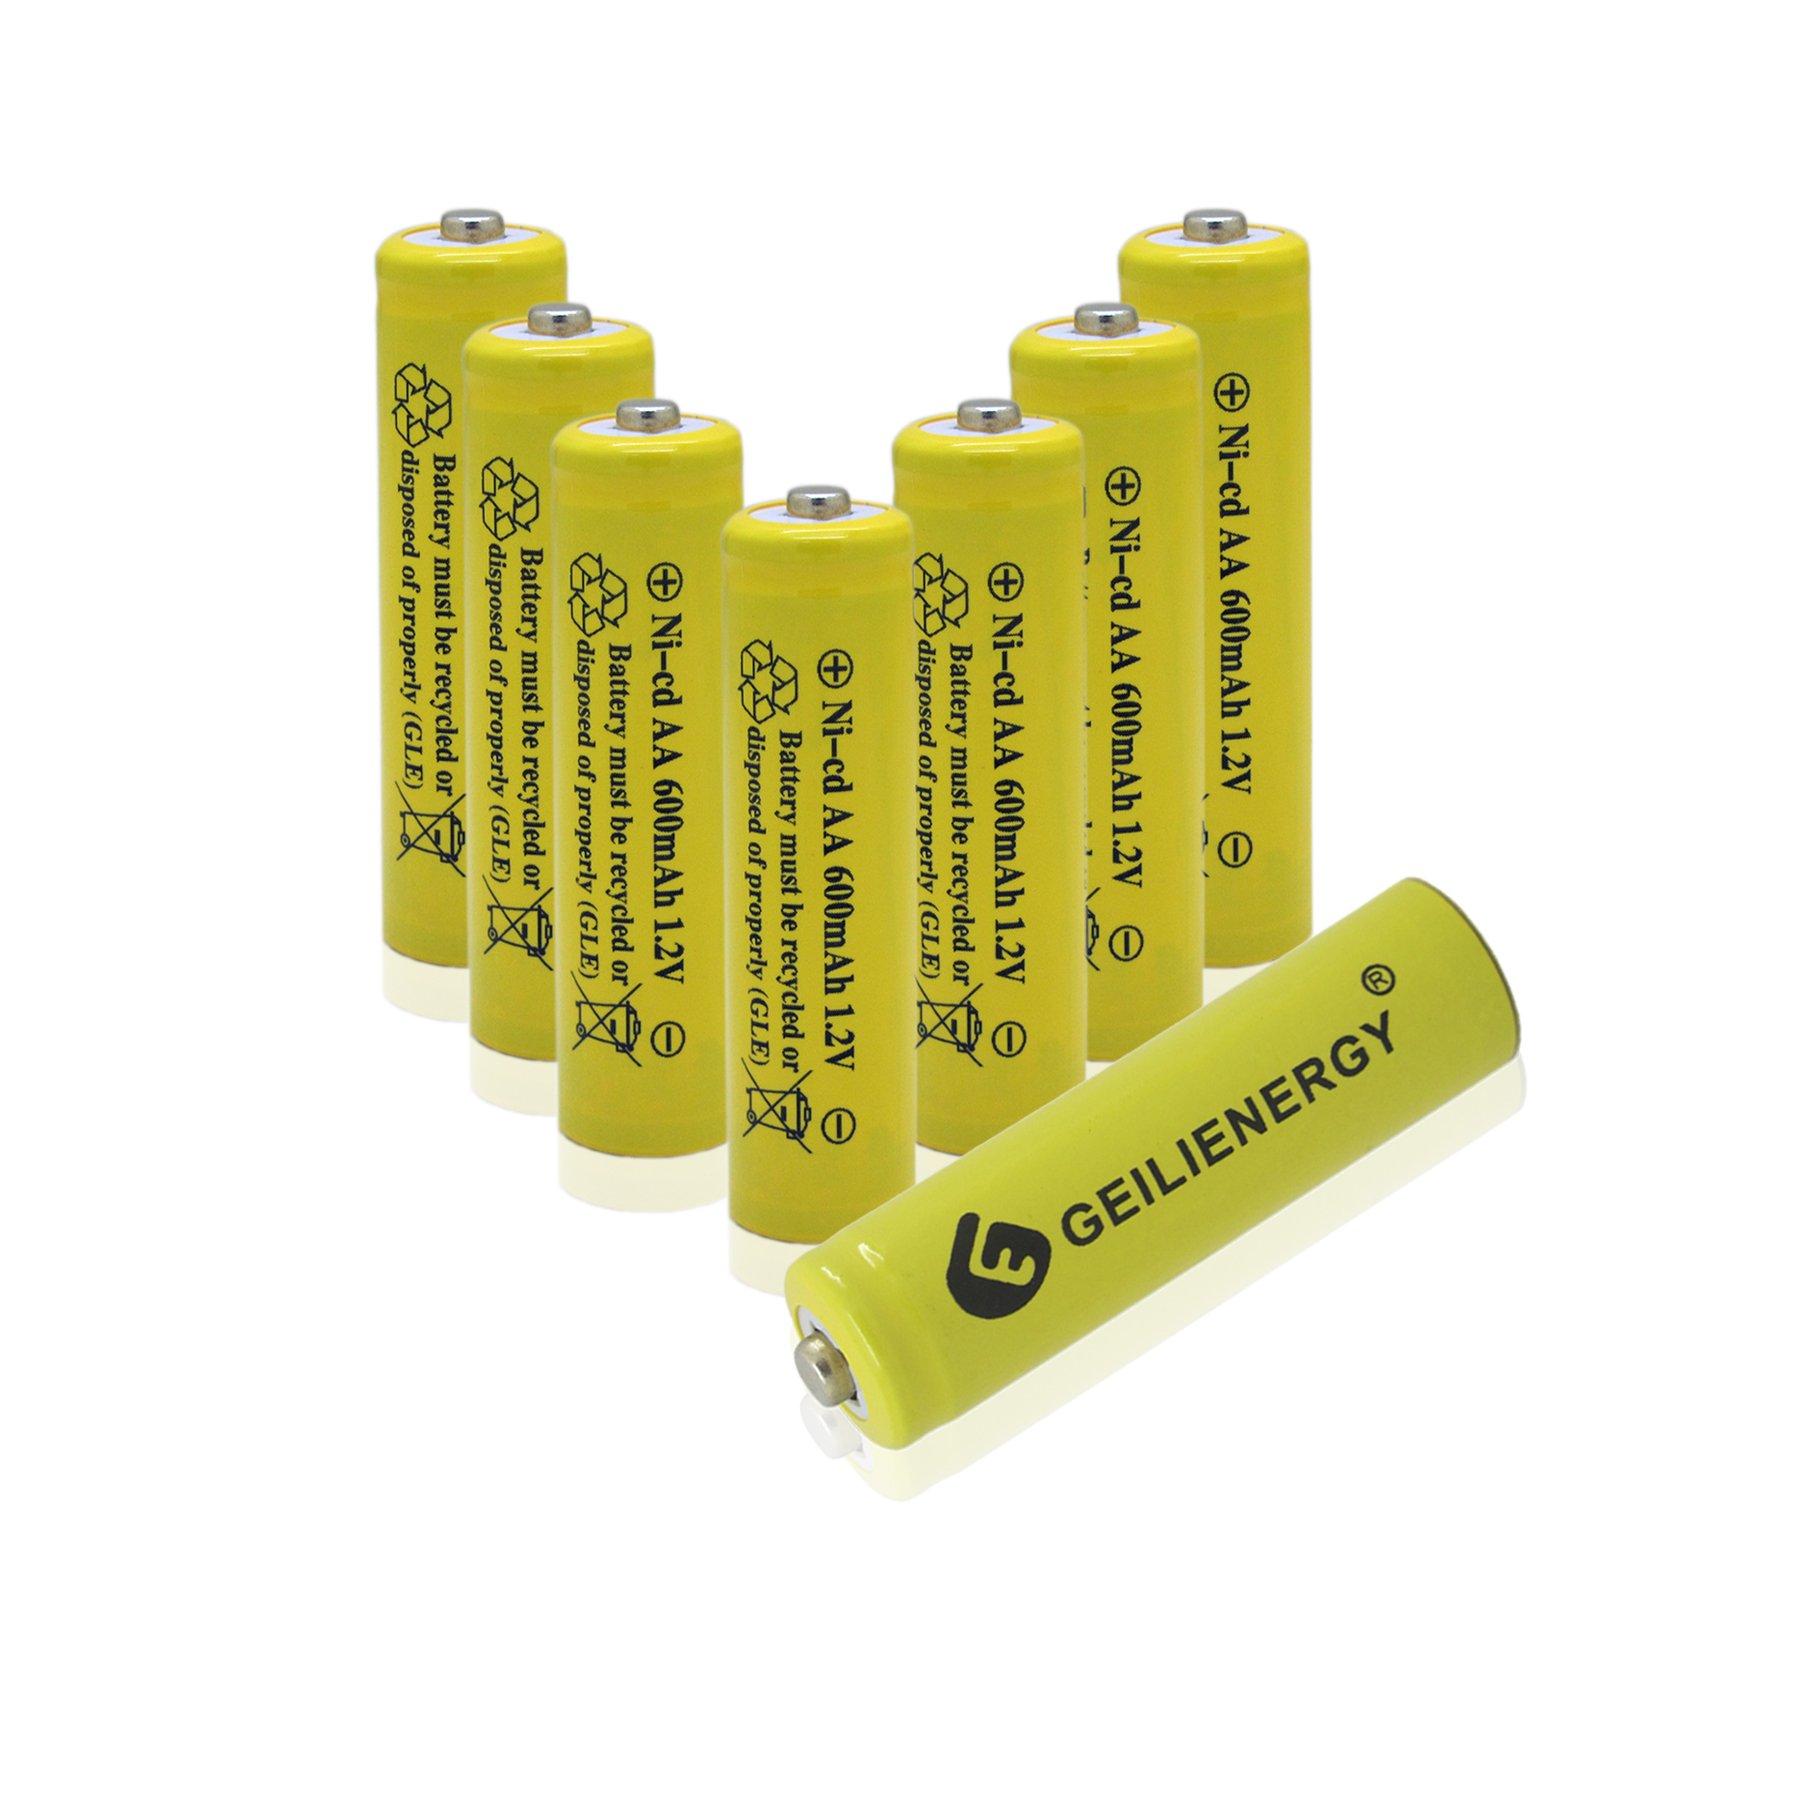 GEILIENERGY 600mAh Rechargeable Batteries Solar